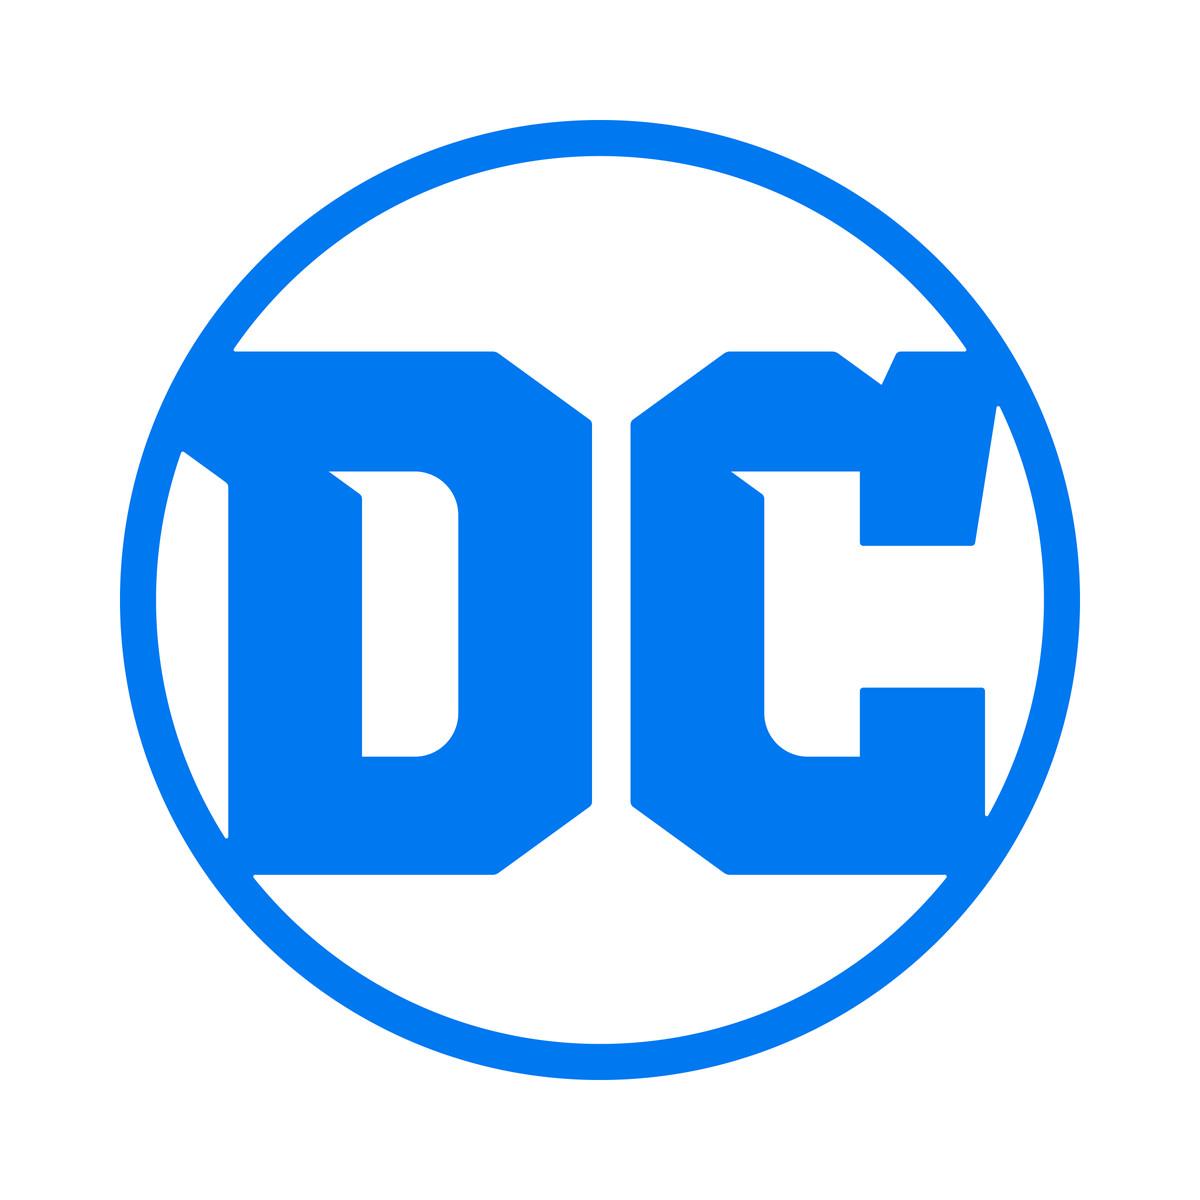 DC entre os 10 melhores da lingua inglesa 7